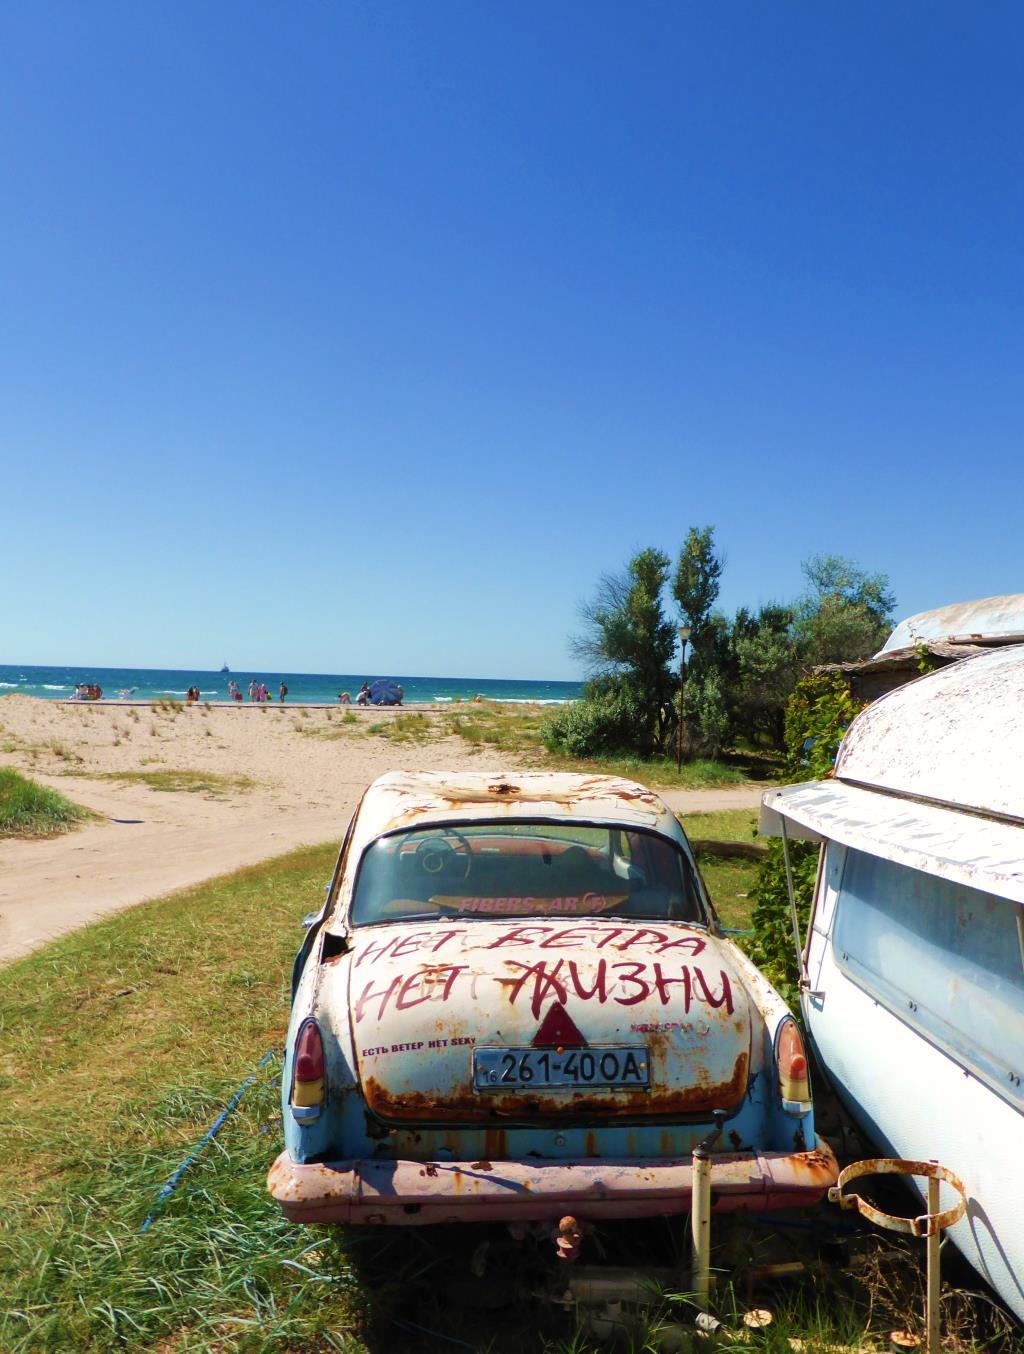 Славный ГАЗ-21, доживающий свои дни на пляже.. Блиц: автомобиль